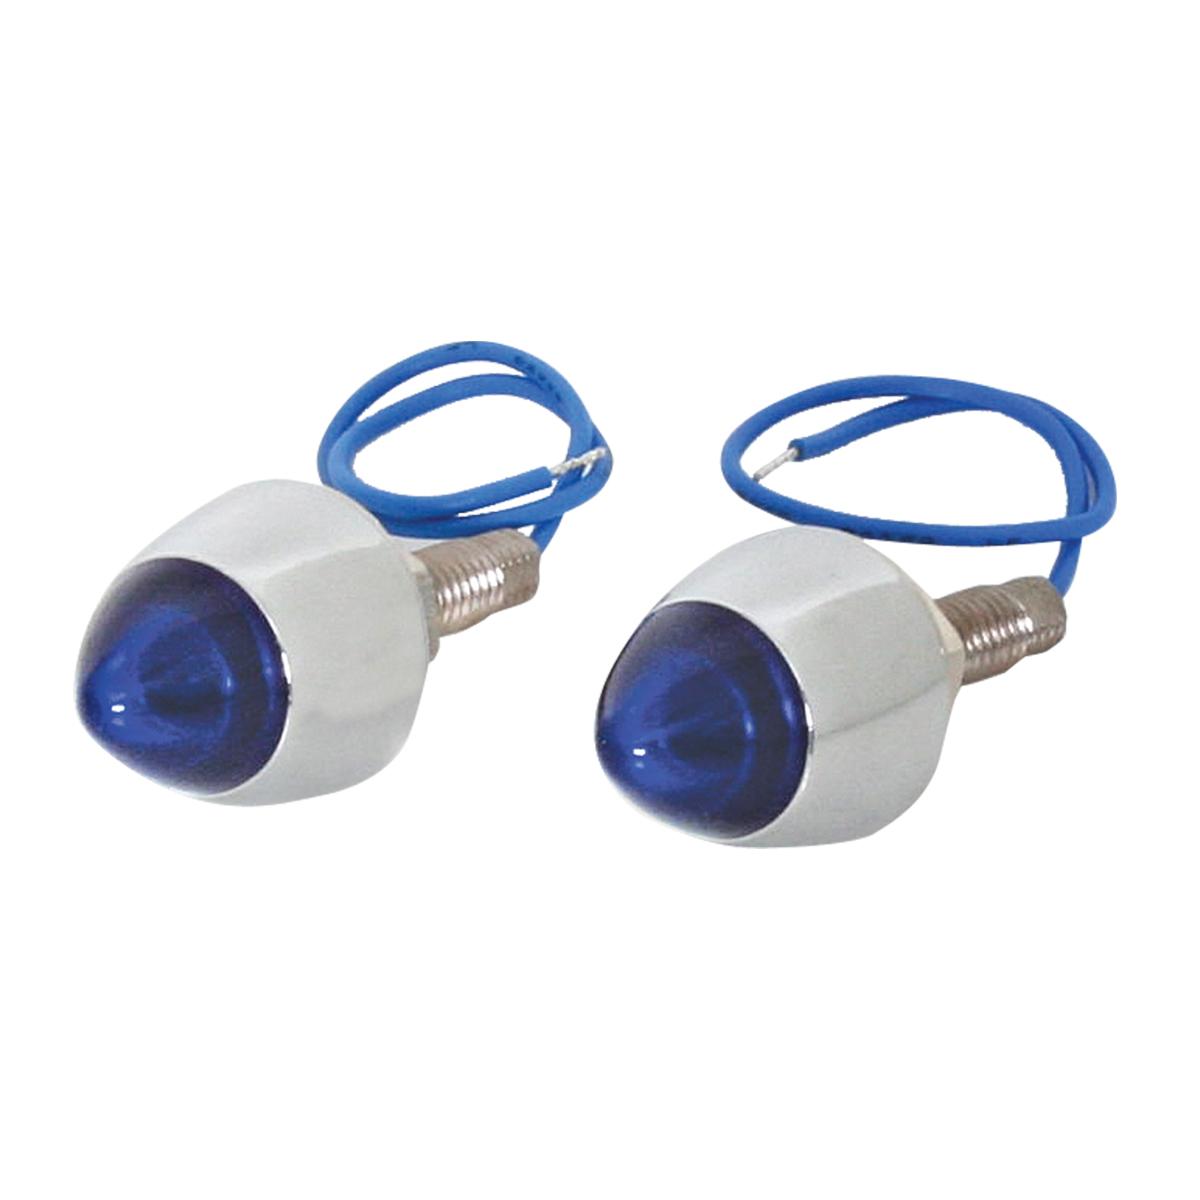 LED Lighted Bullet Fastener Set of 2 - Blue